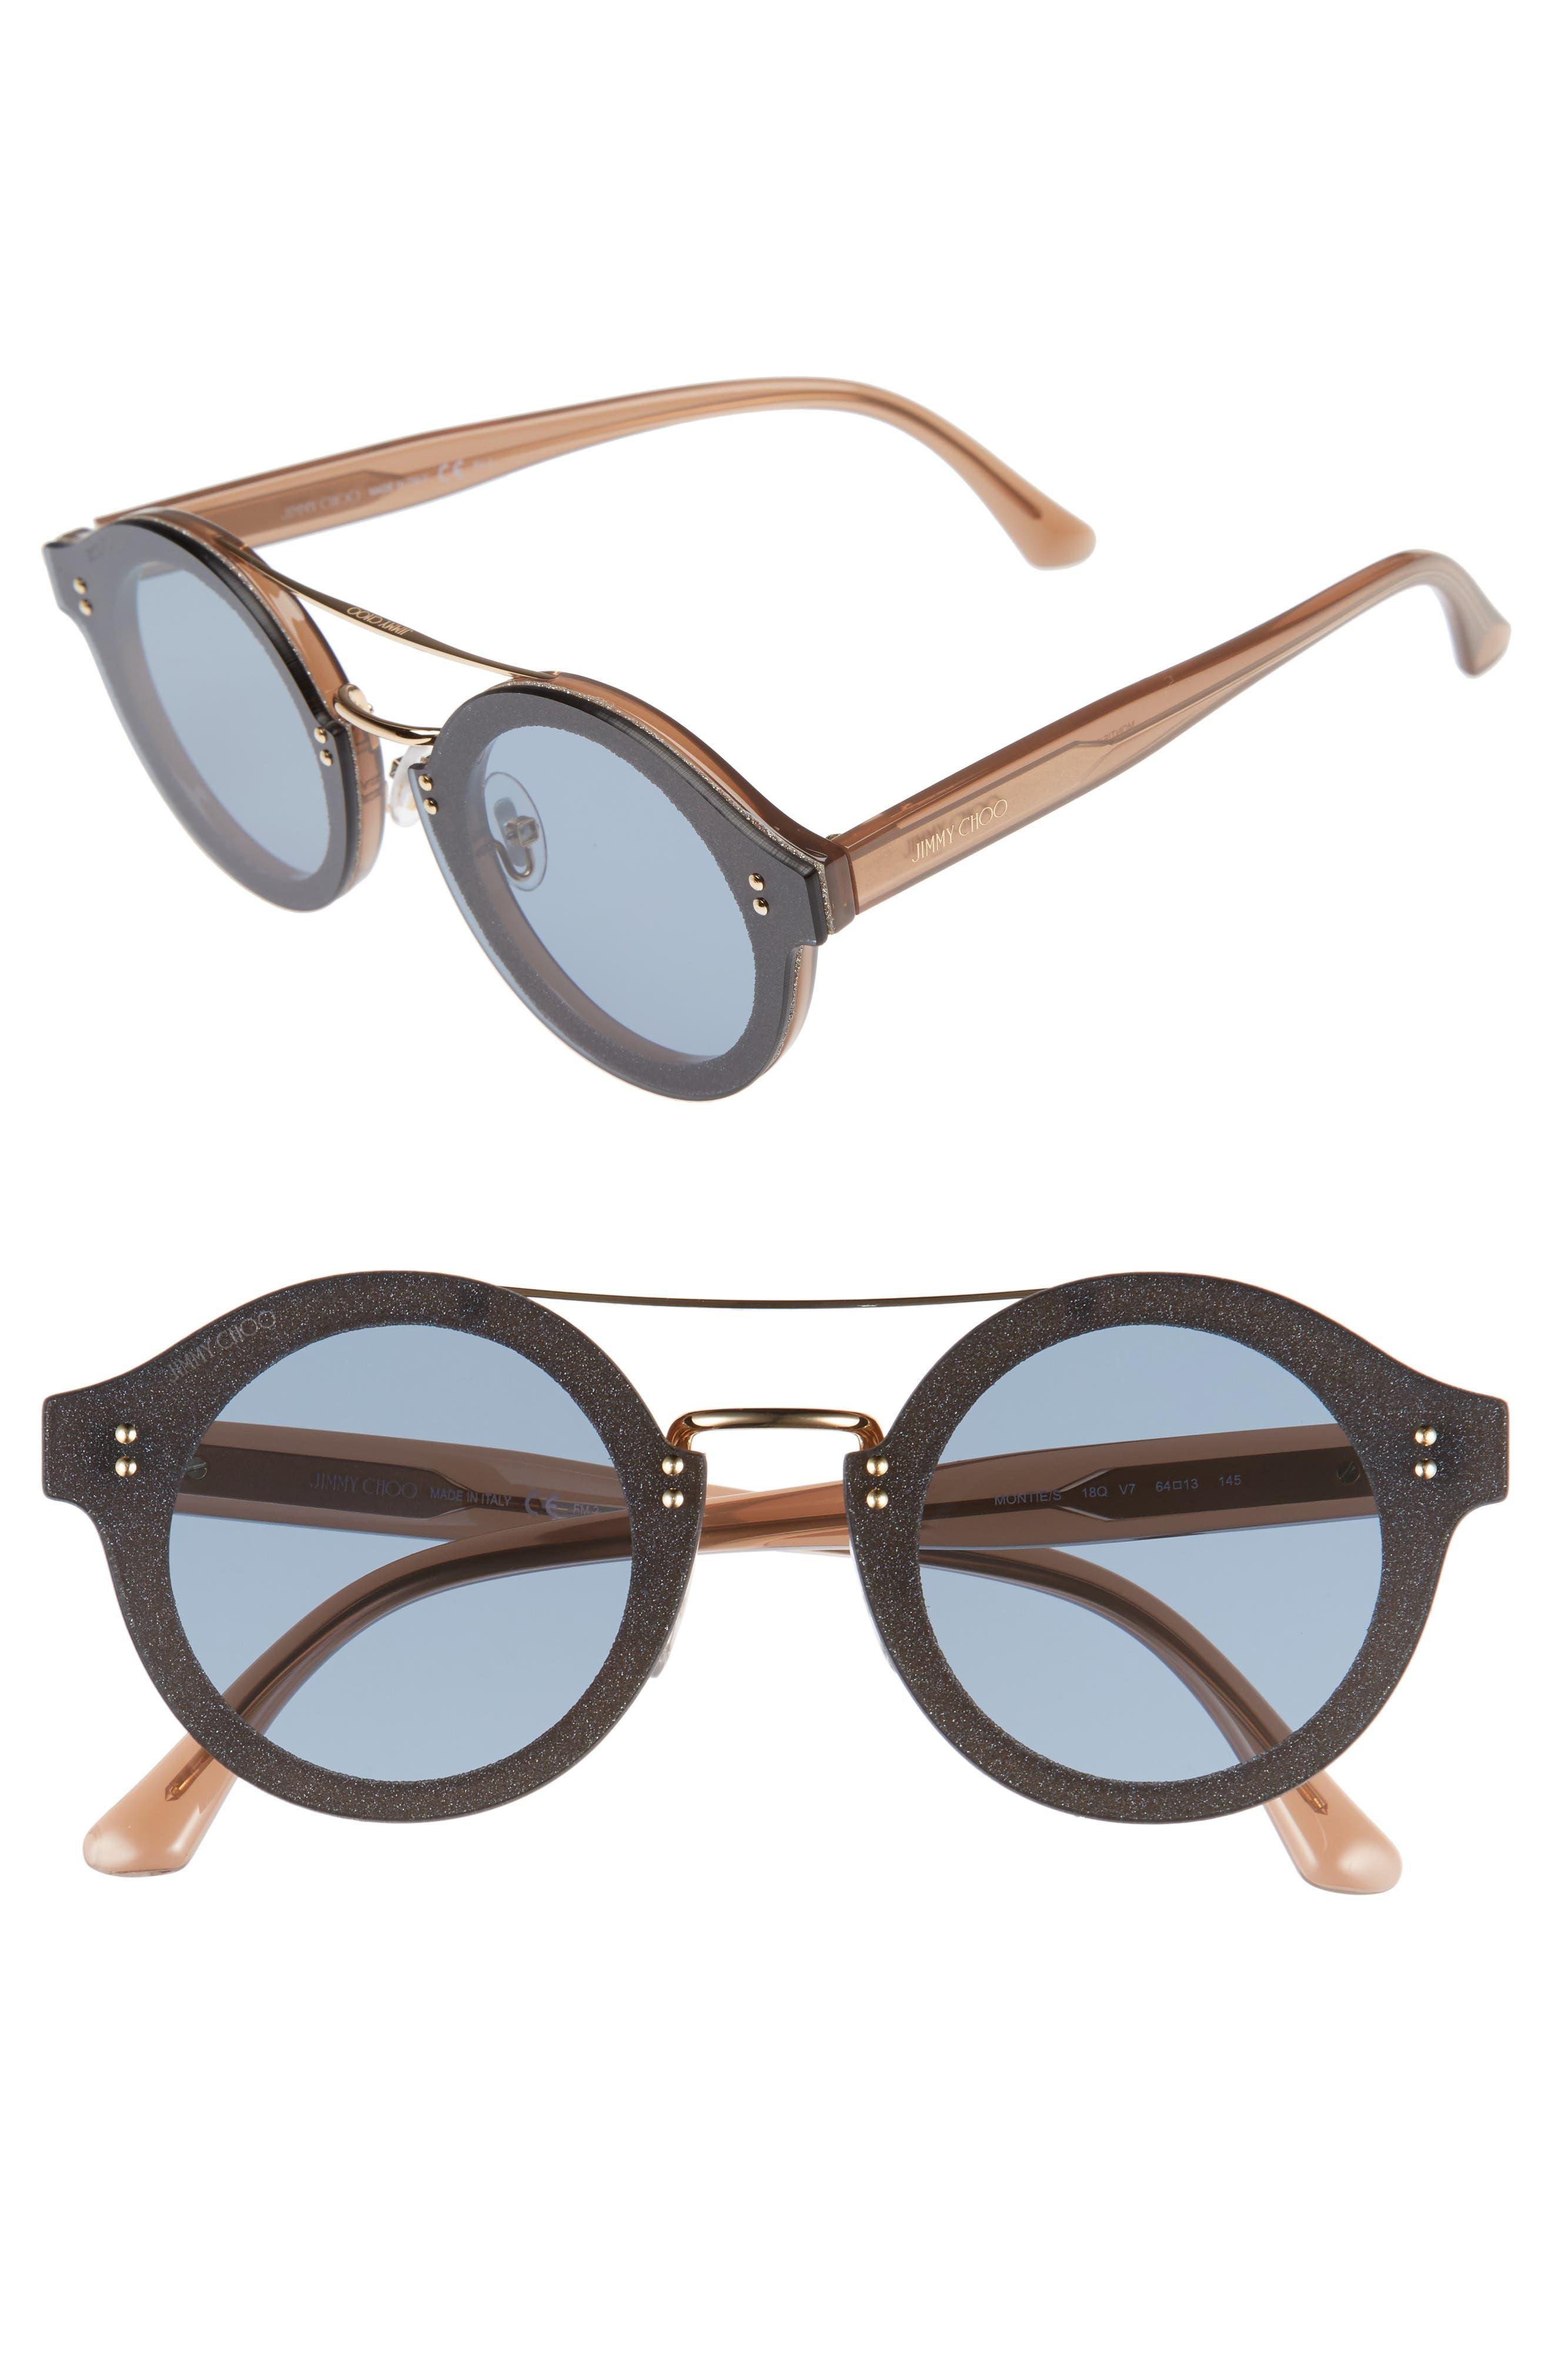 Main Image - Jimmy Choo Monties 64mm Round Sunglasses